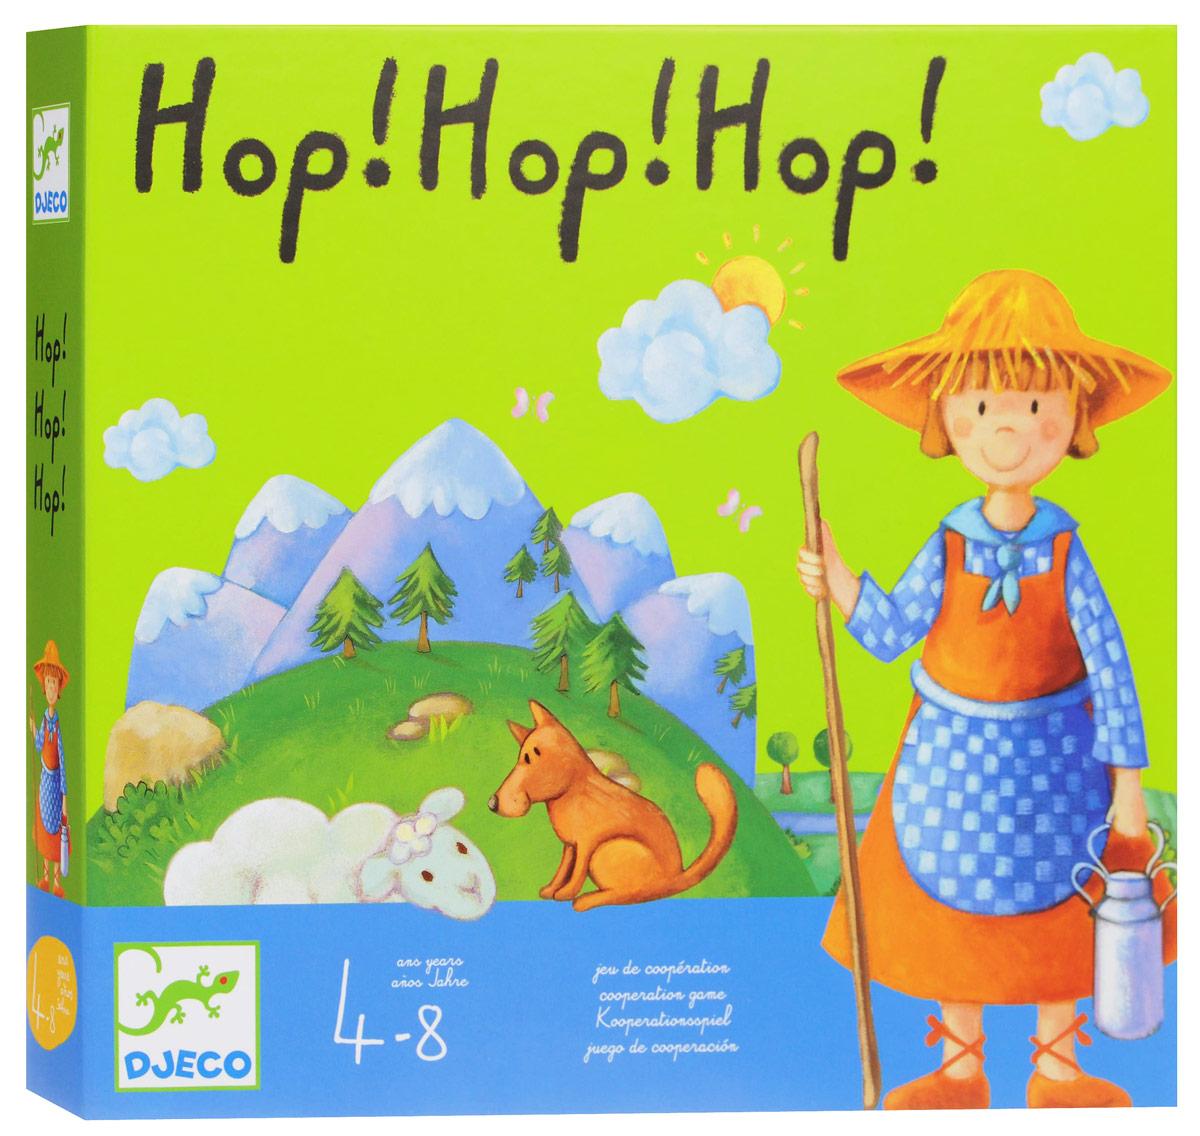 Djeco Настольная игра Хоп, хоп, хоп!08408Настольная игра Djeco Хоп, хоп, хоп! позволит весело и полезно провести время. Помоги пастушке и овцам! Играем все вместе против ветра! Пастушка, ее овцы и овчарка должны вернуться в убежище. Перед игрой все овечки, пастушка и собака размещаются на поле с изображением горы. Игровая задача - переместить в овчарню пастушку, ее овец и собаку, пока ветер не унес мост. Участники выигрывают все вместе, если они смогли справиться с задачей. Каждый участник в свой ход бросает кубик и выполняет действие, обозначенное на кубике символом (солнце - любая фигурка передвигается к следующей игровой площадке, ветер - палочкой убирается одна опора из под моста и т.д.). У ребёнка развивается мелкая моторика пальцев, развивается аккуратность, развивается логическое мышление.